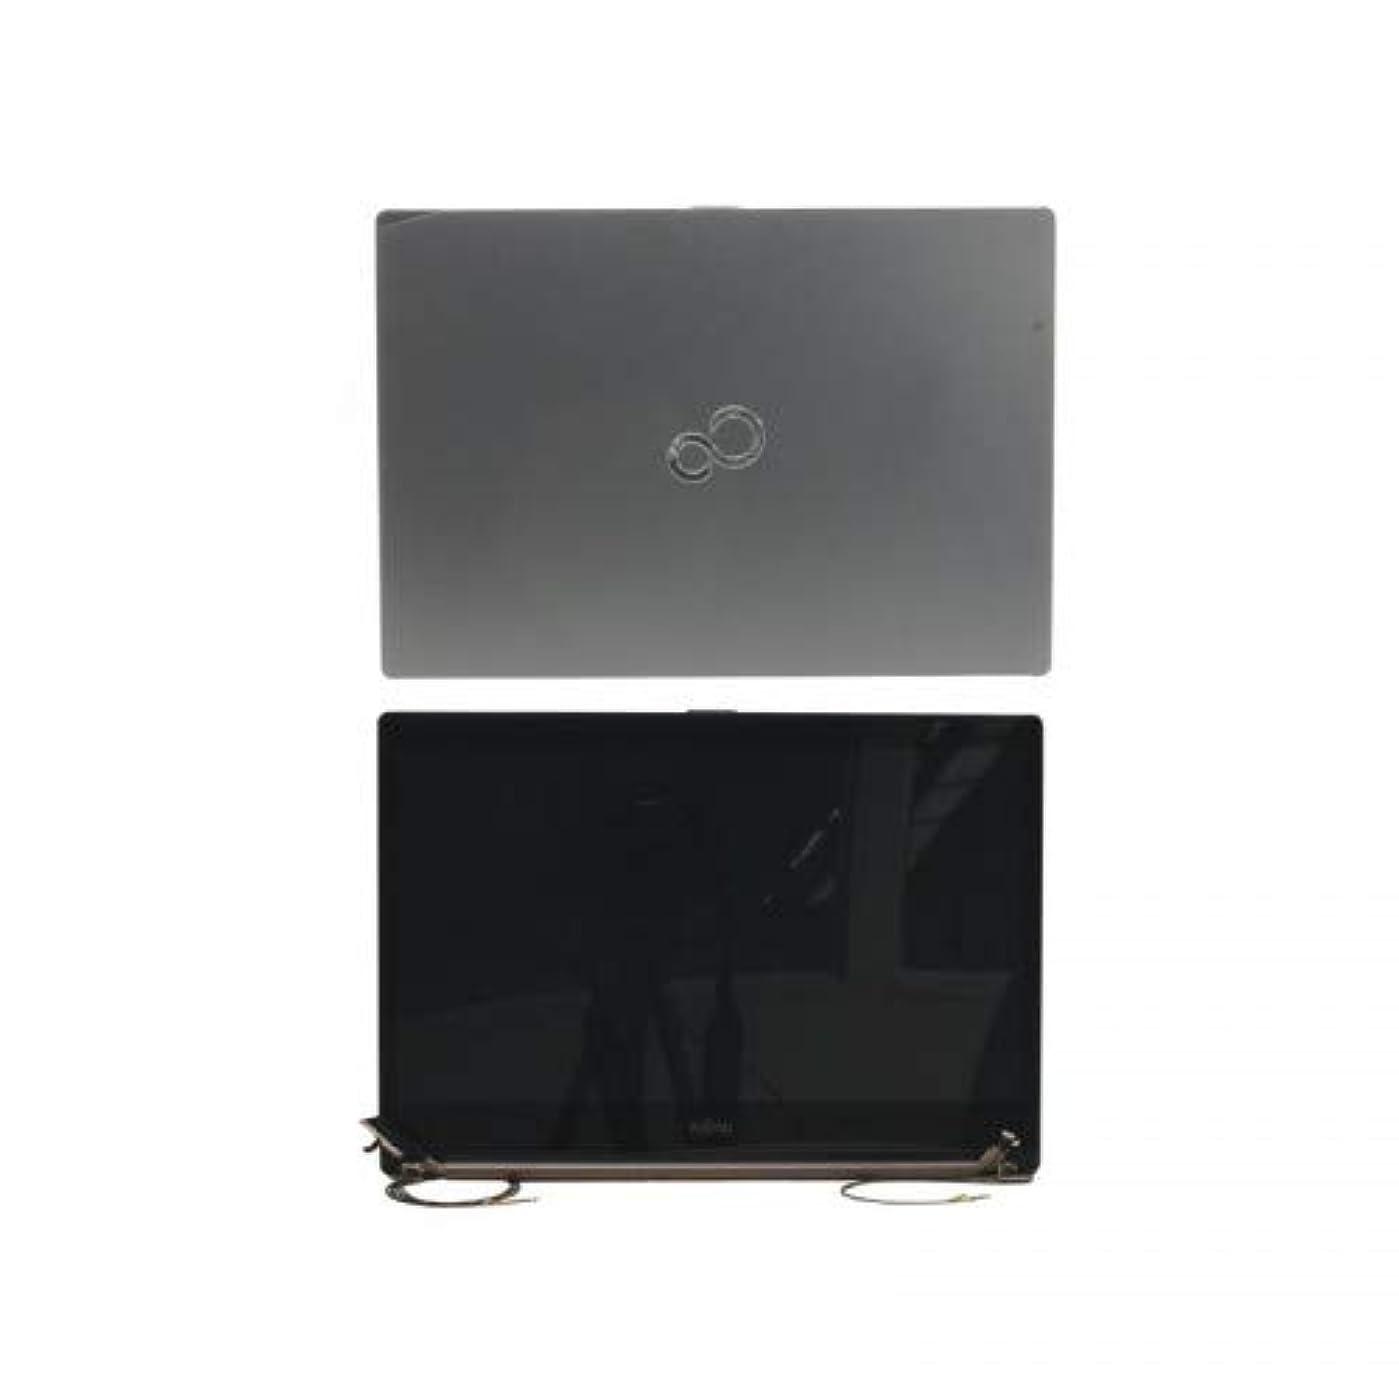 休み遊具一般的にFujitsu LCDモジュール、34043495